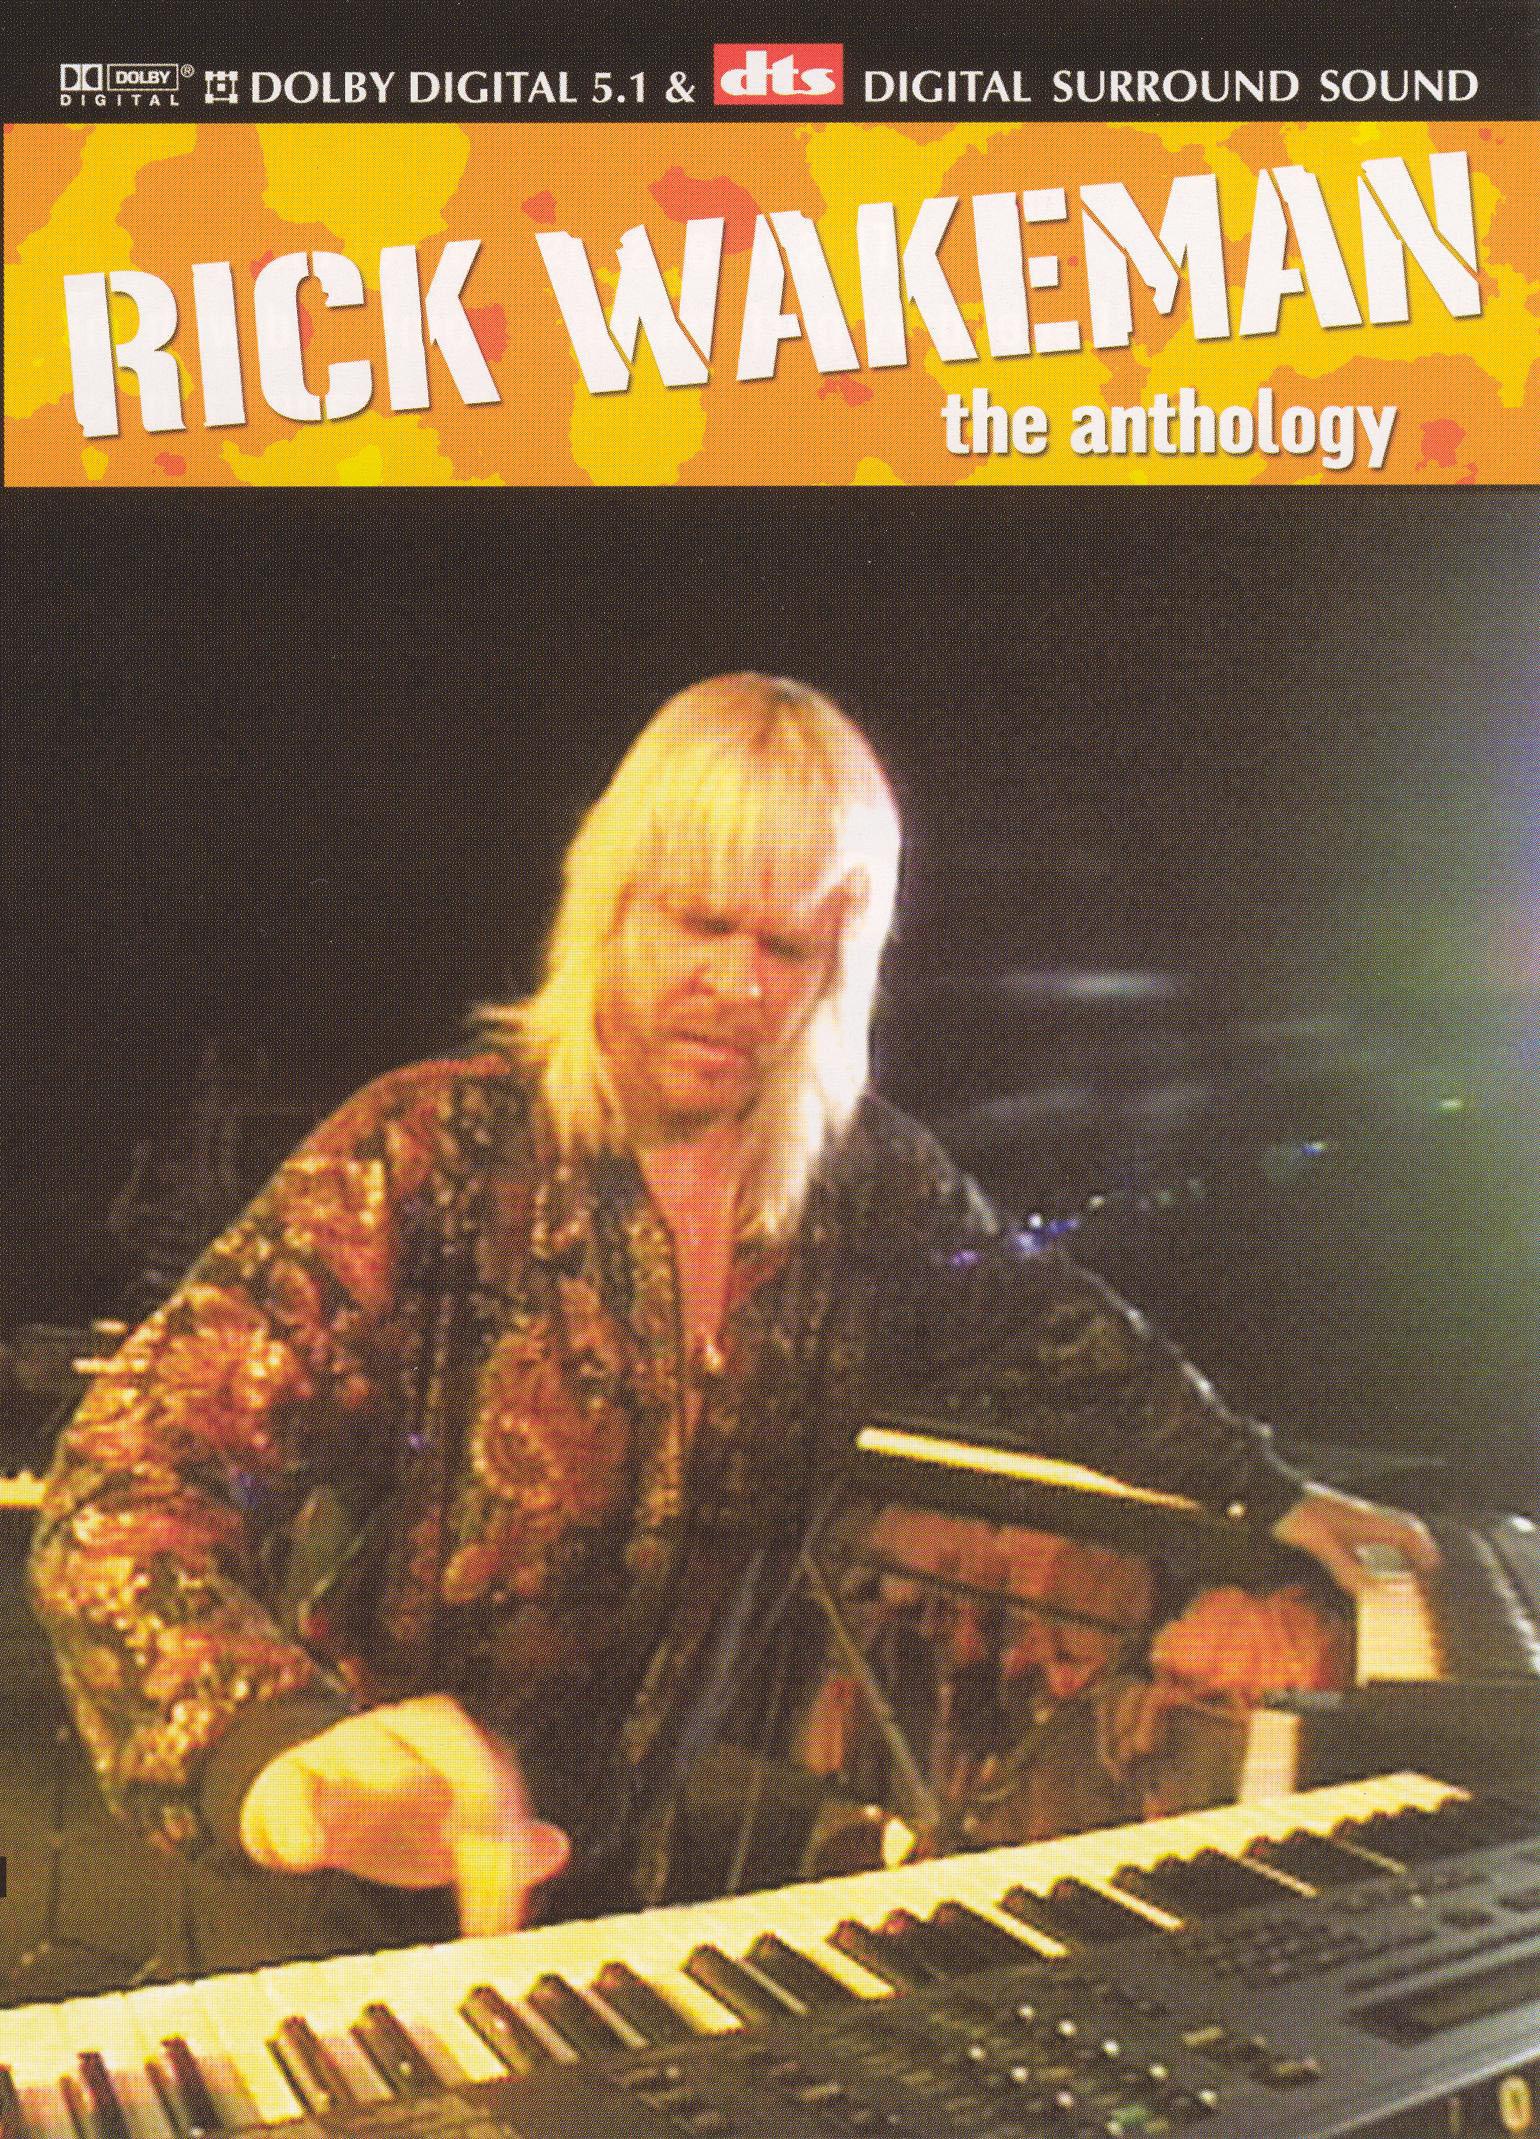 Rick Wakeman: The Anthology